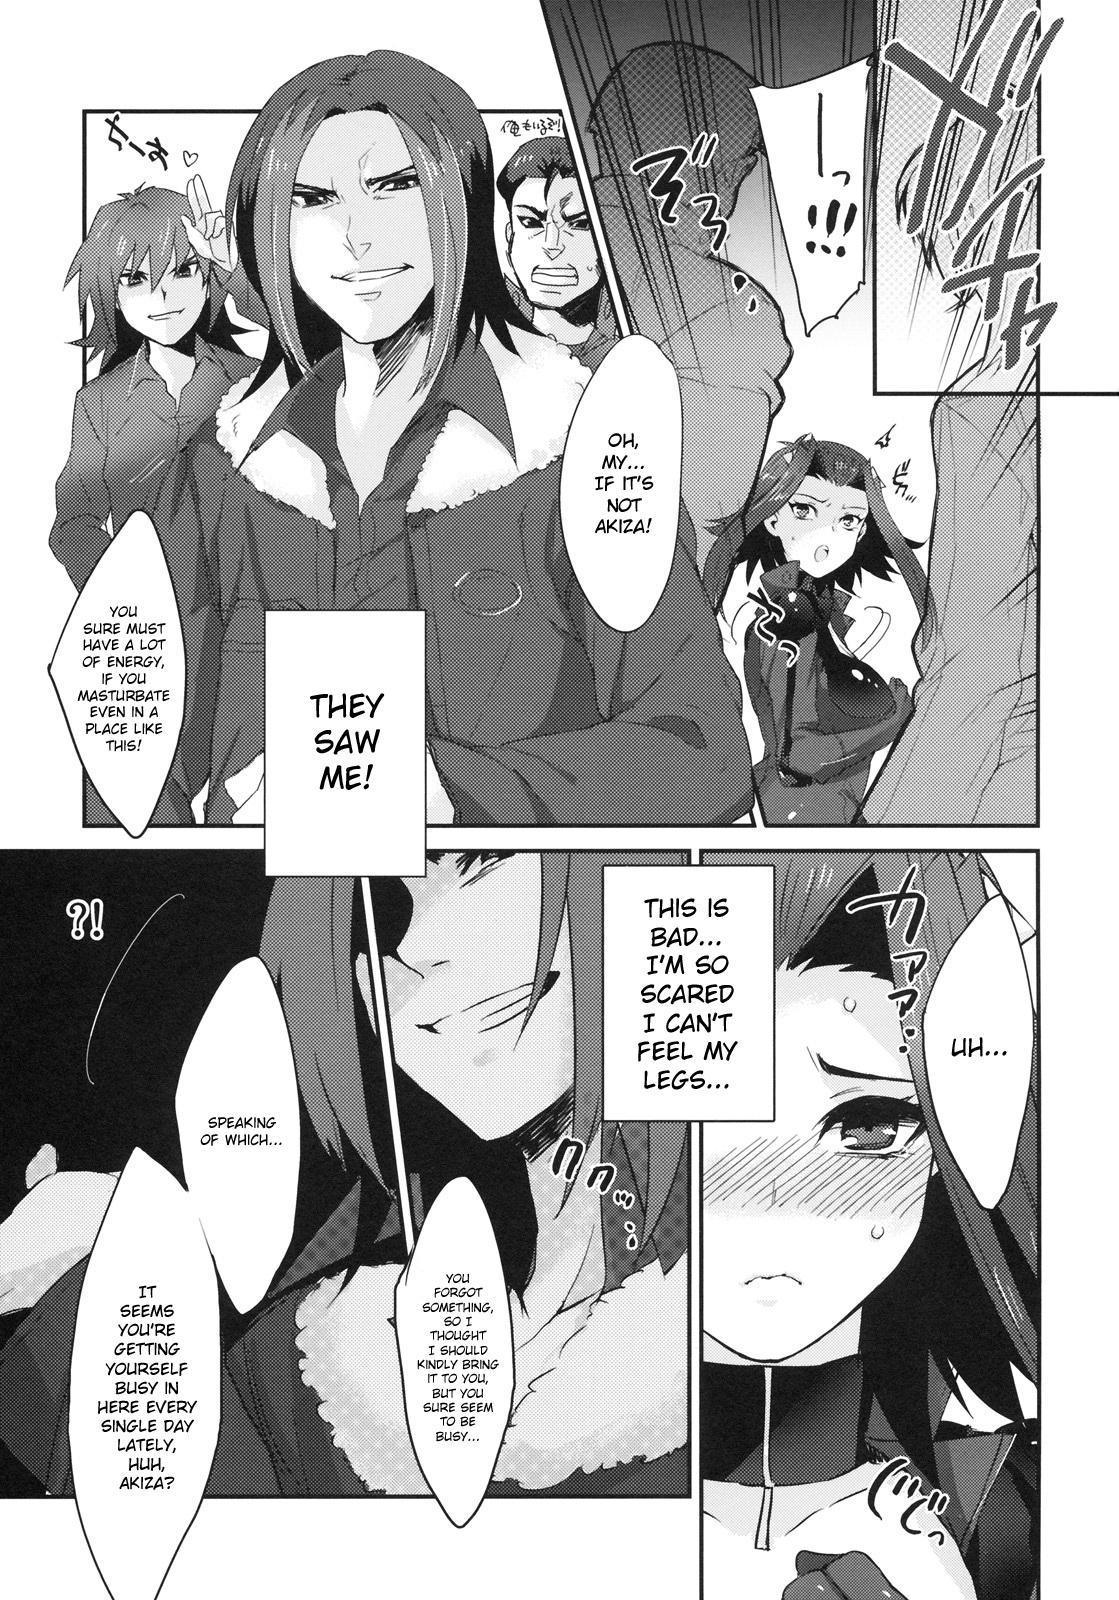 Izayoi Emotion 5